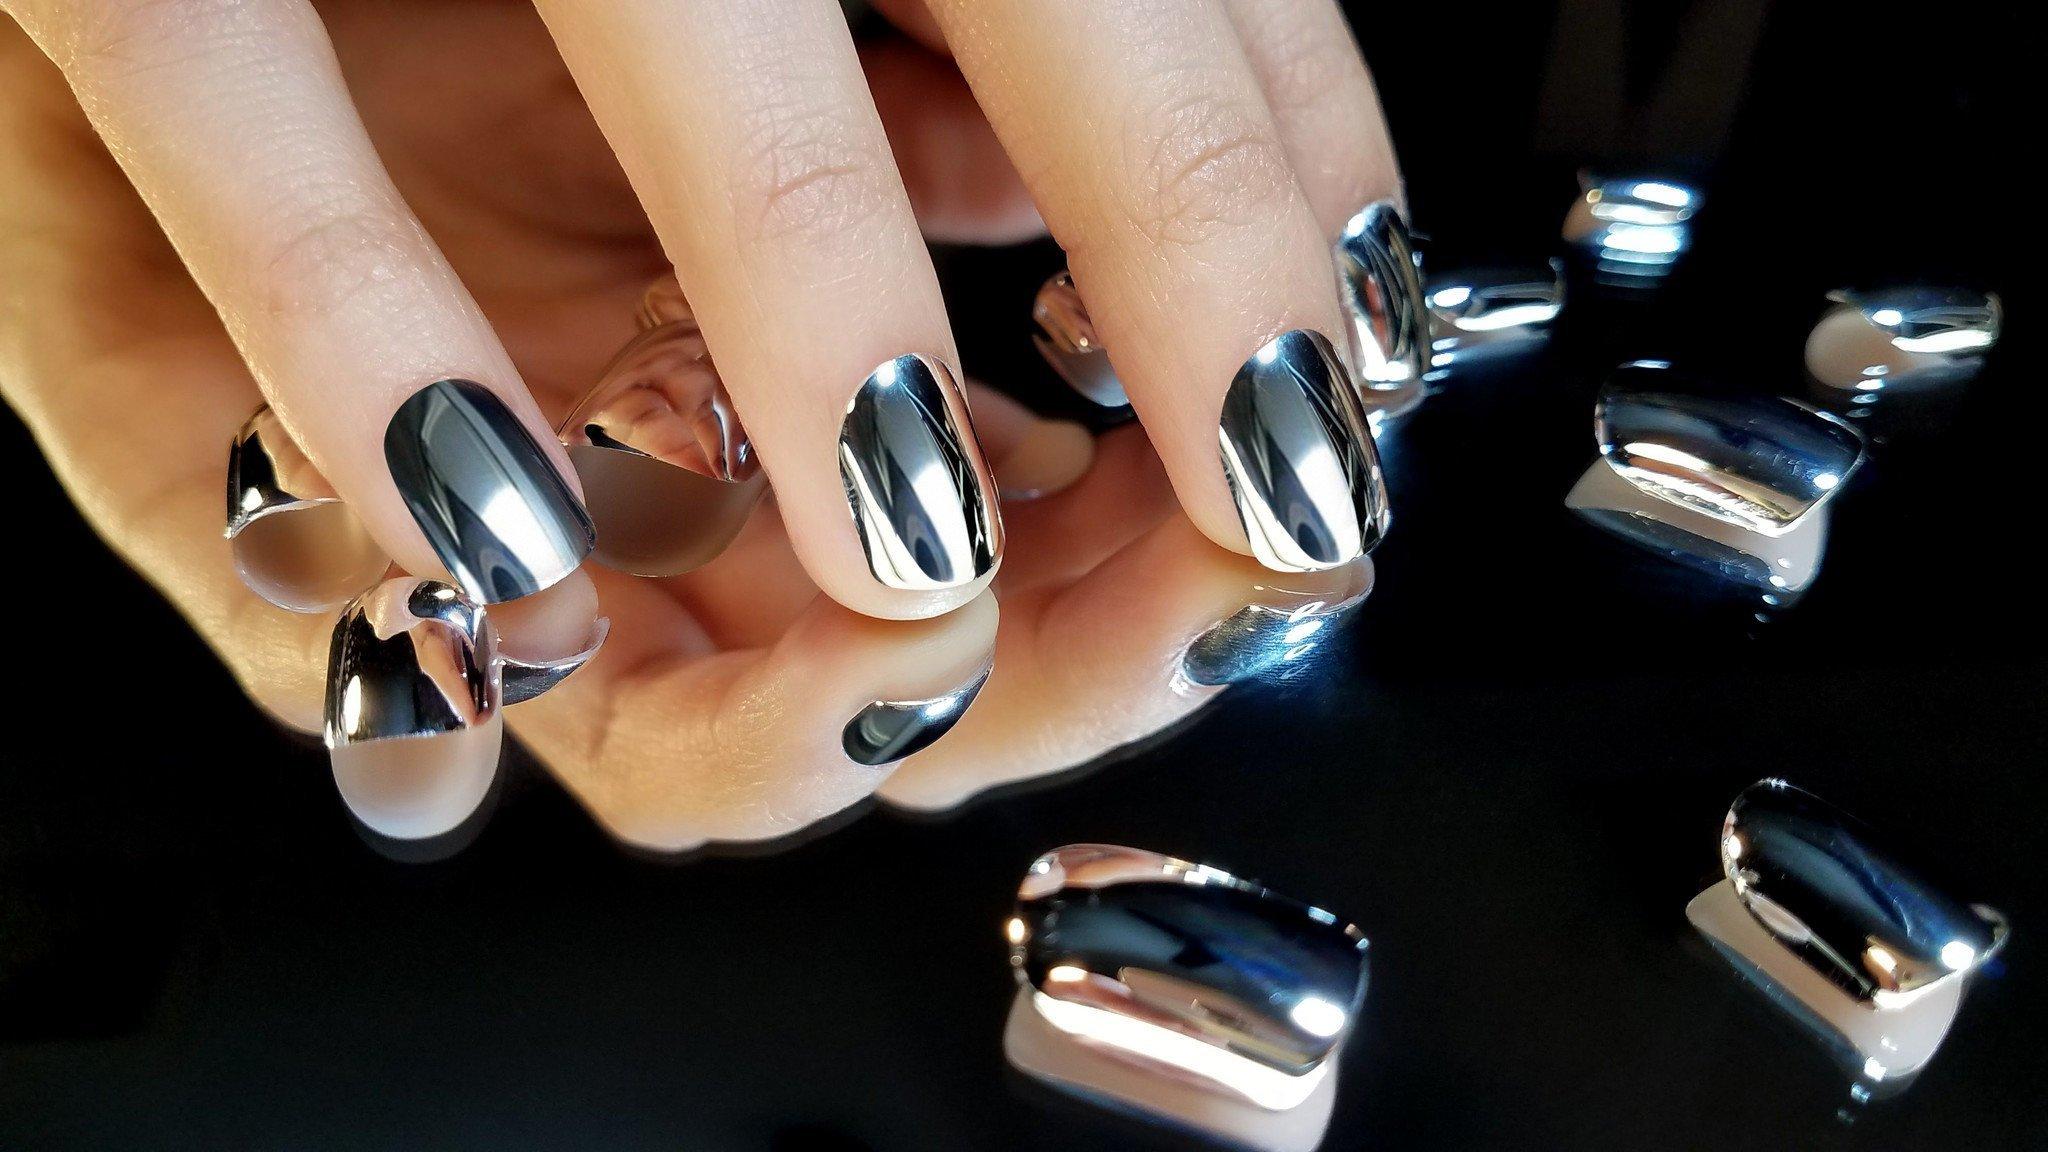 картинки с маникюром на ногтях гель лаком зеркальный сразу вспомнили